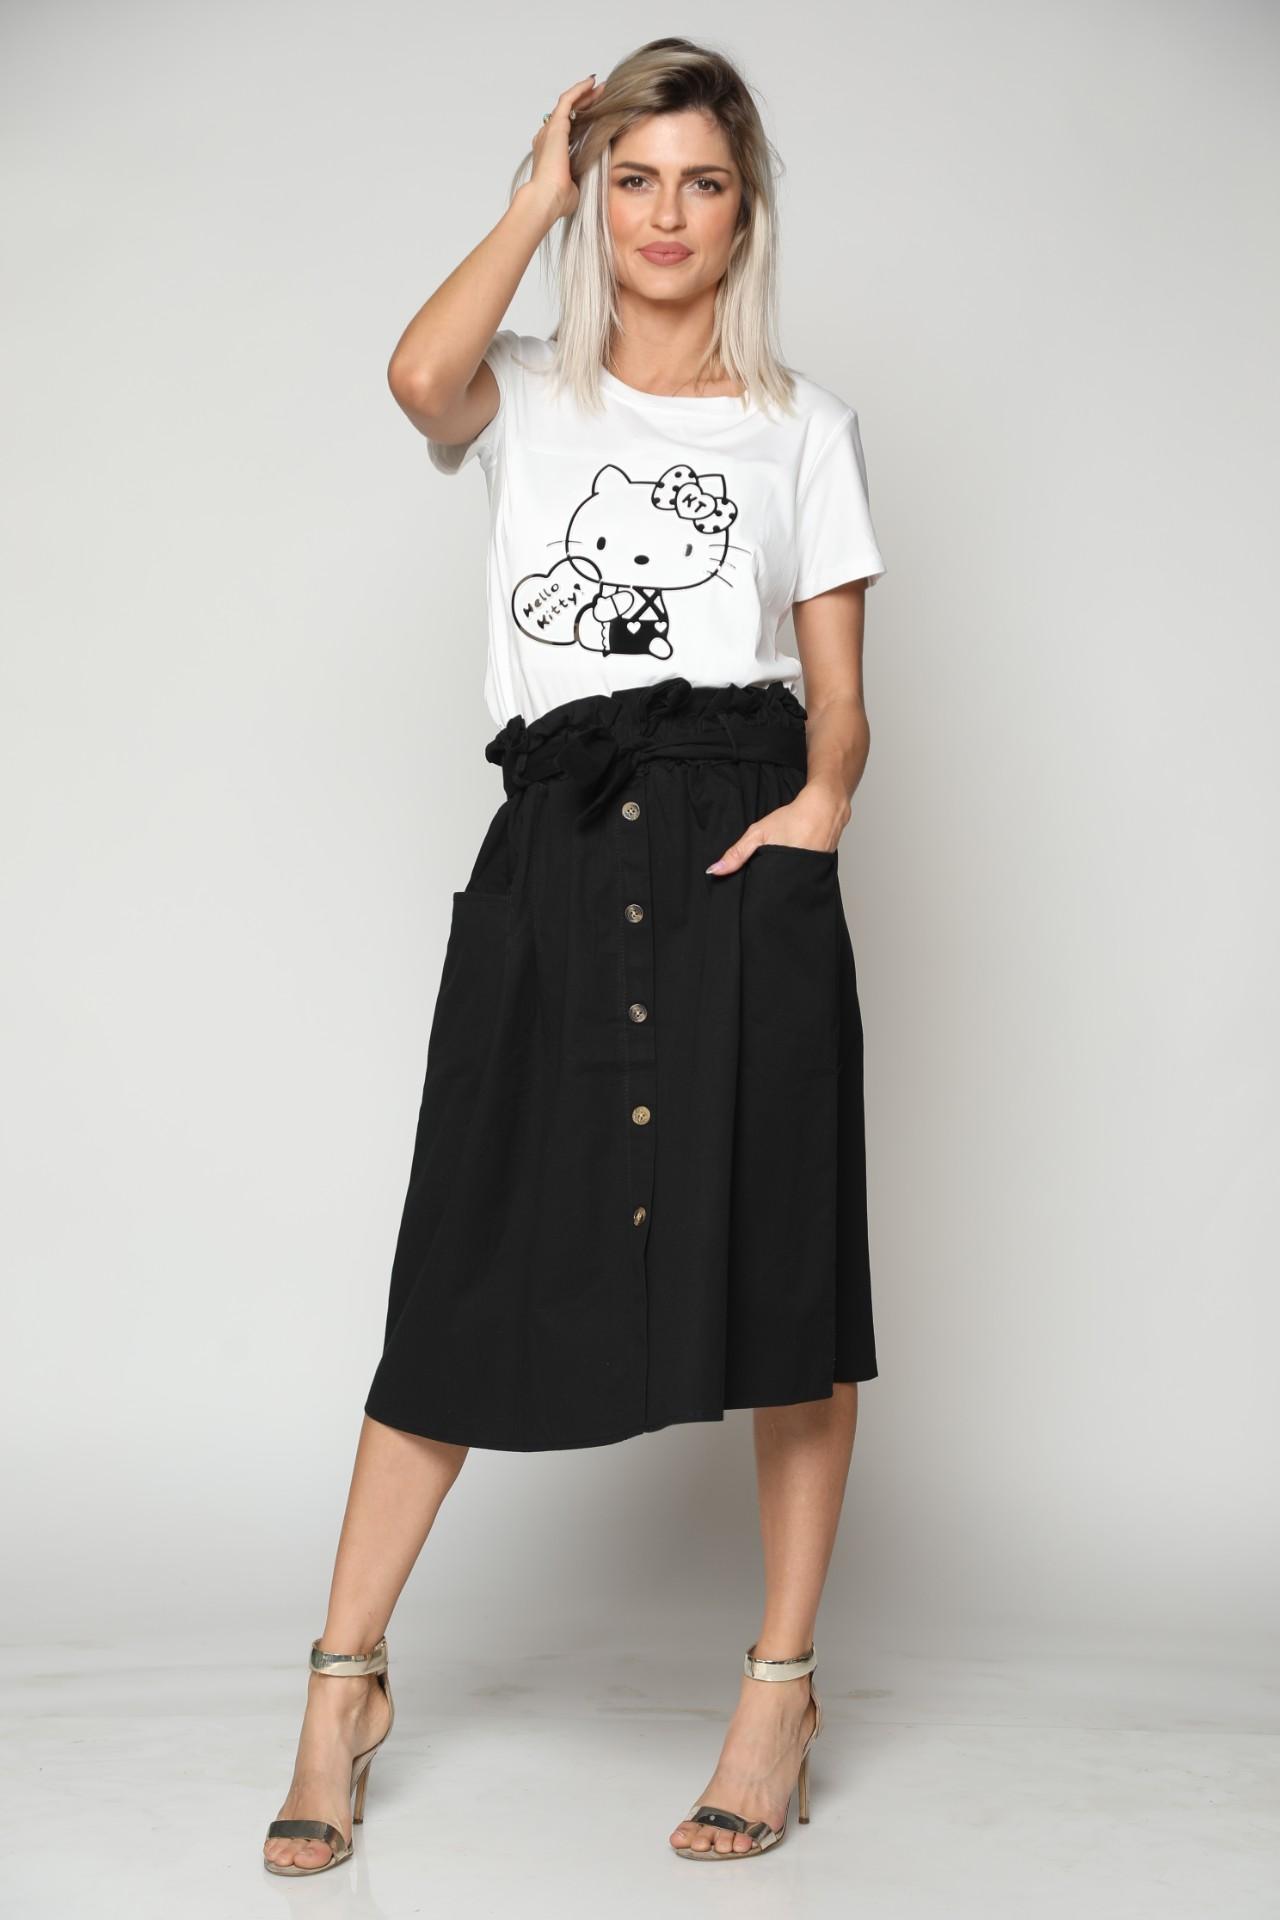 חצאית נשים שילוב כפתורים שחור